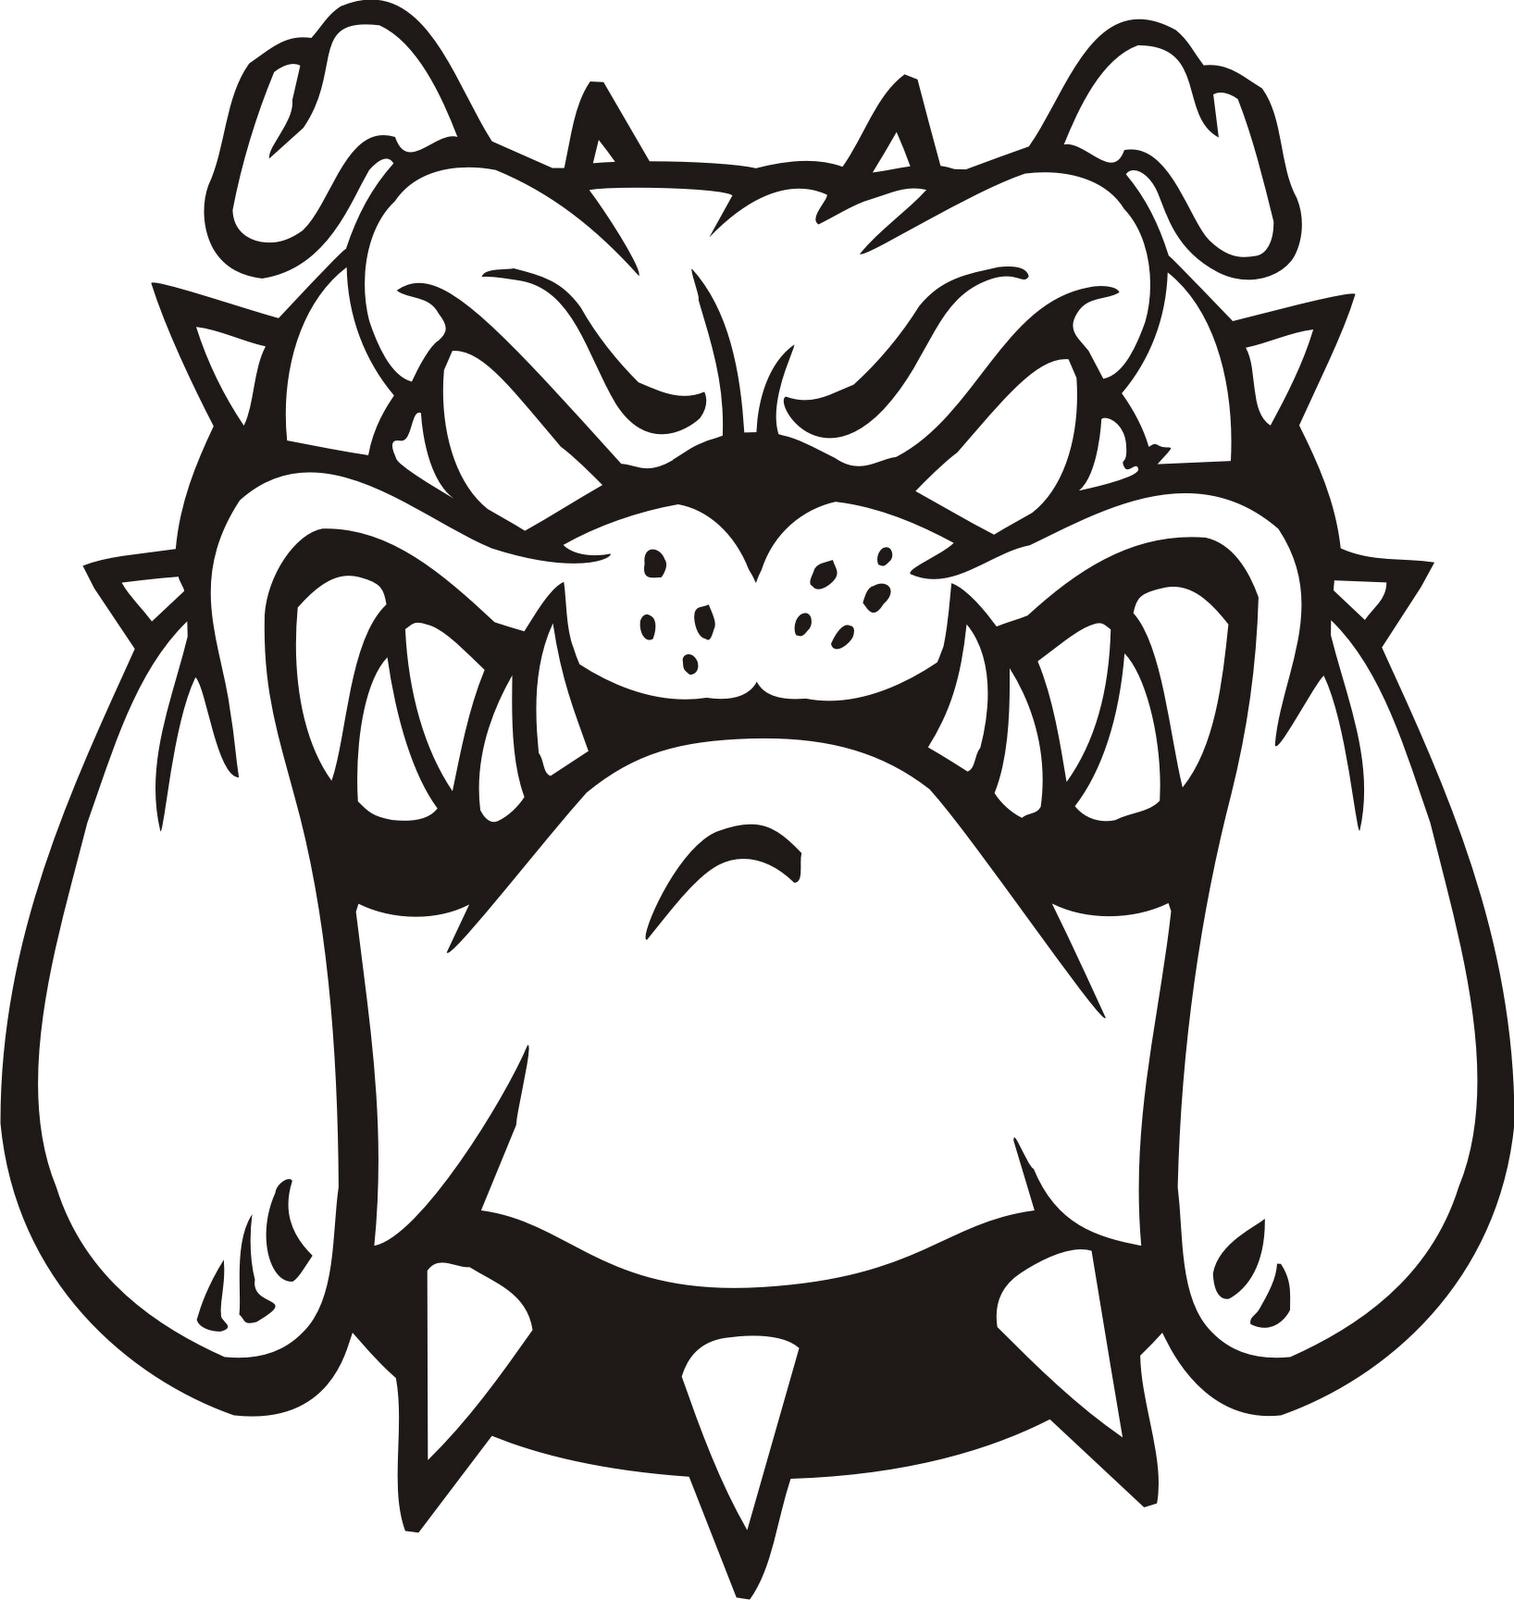 Bulldog bull dog clip art clipart image -Bulldog bull dog clip art clipart image 6-7